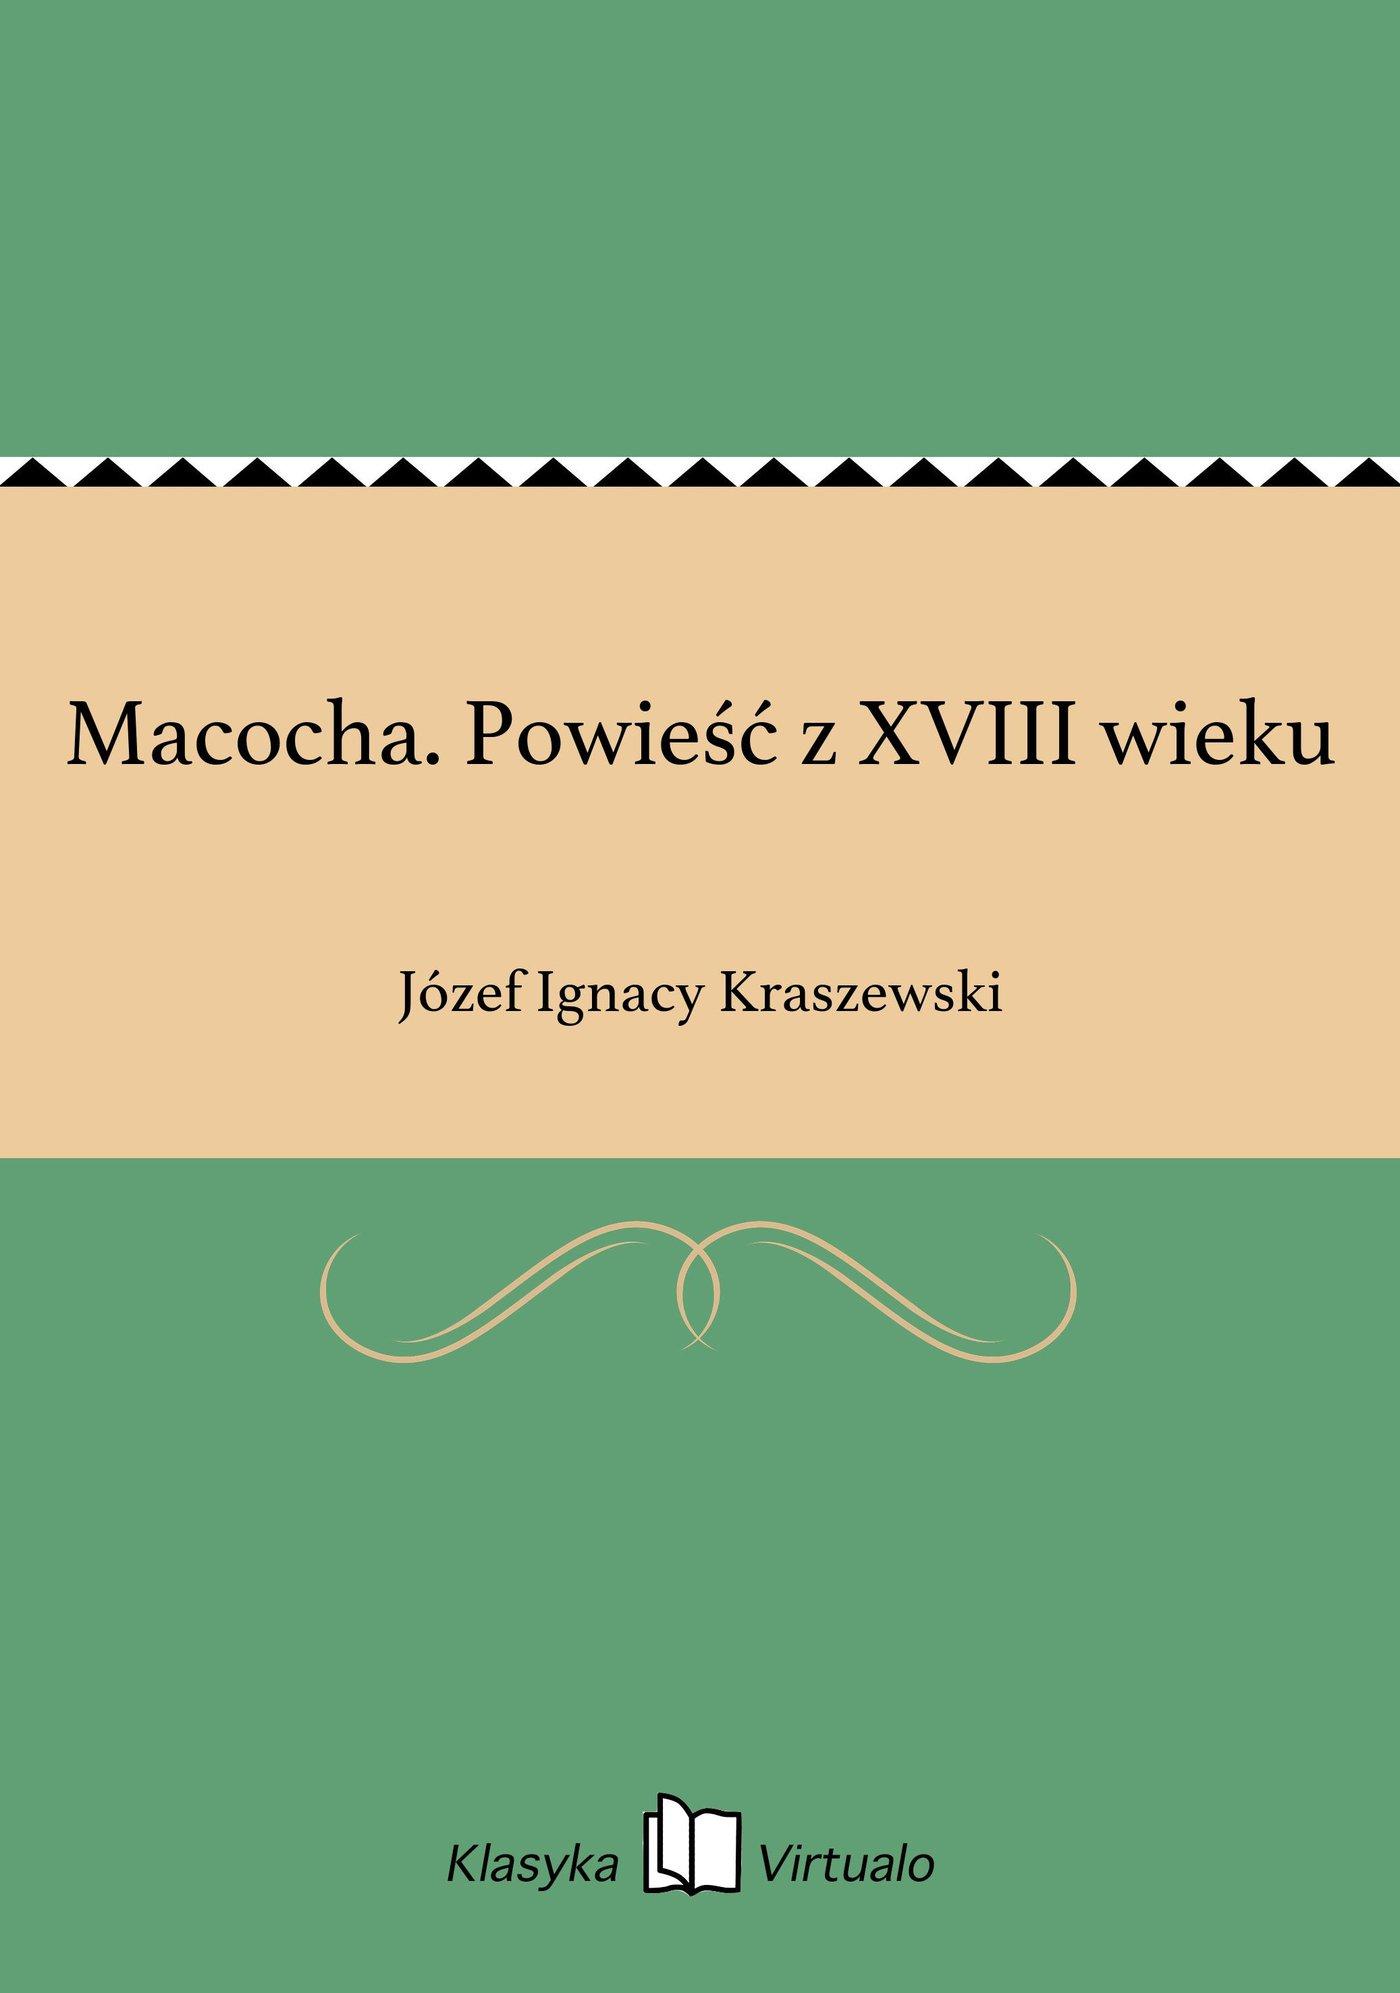 Macocha. Powieść z XVIII wieku - Ebook (Książka EPUB) do pobrania w formacie EPUB